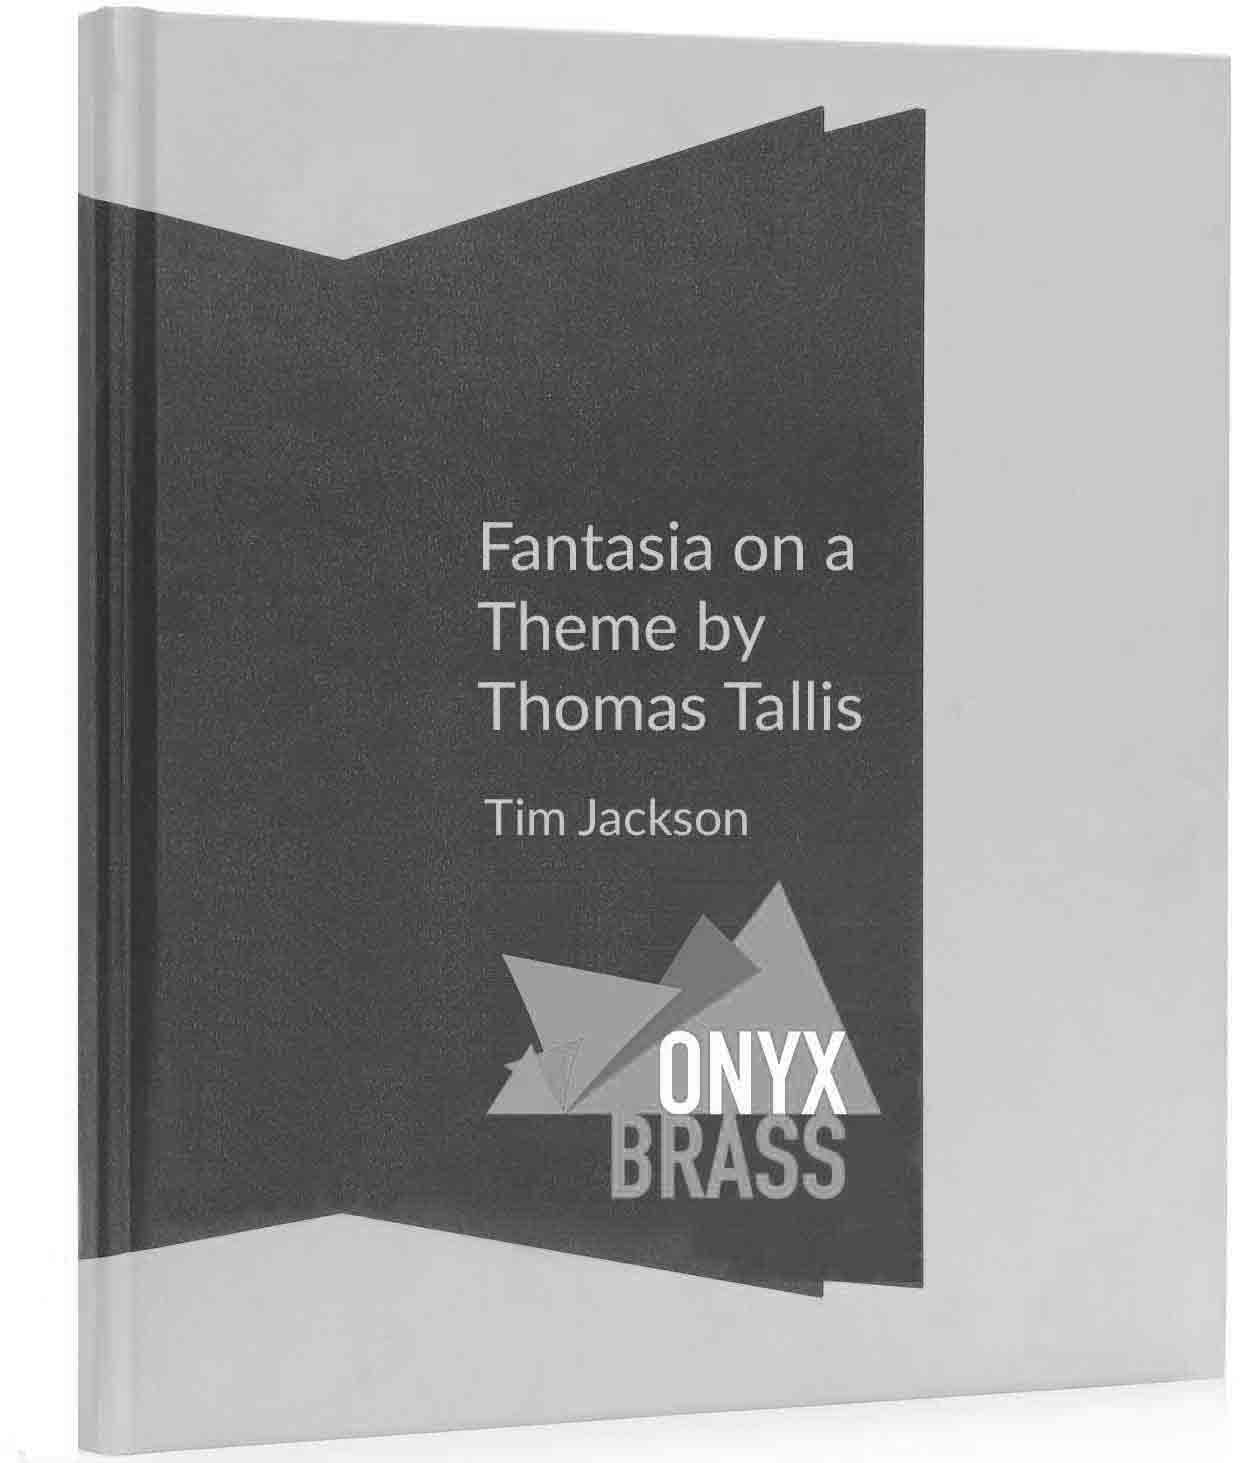 _---Fantasia_on_a_Theme_by_Thomas_Tallis